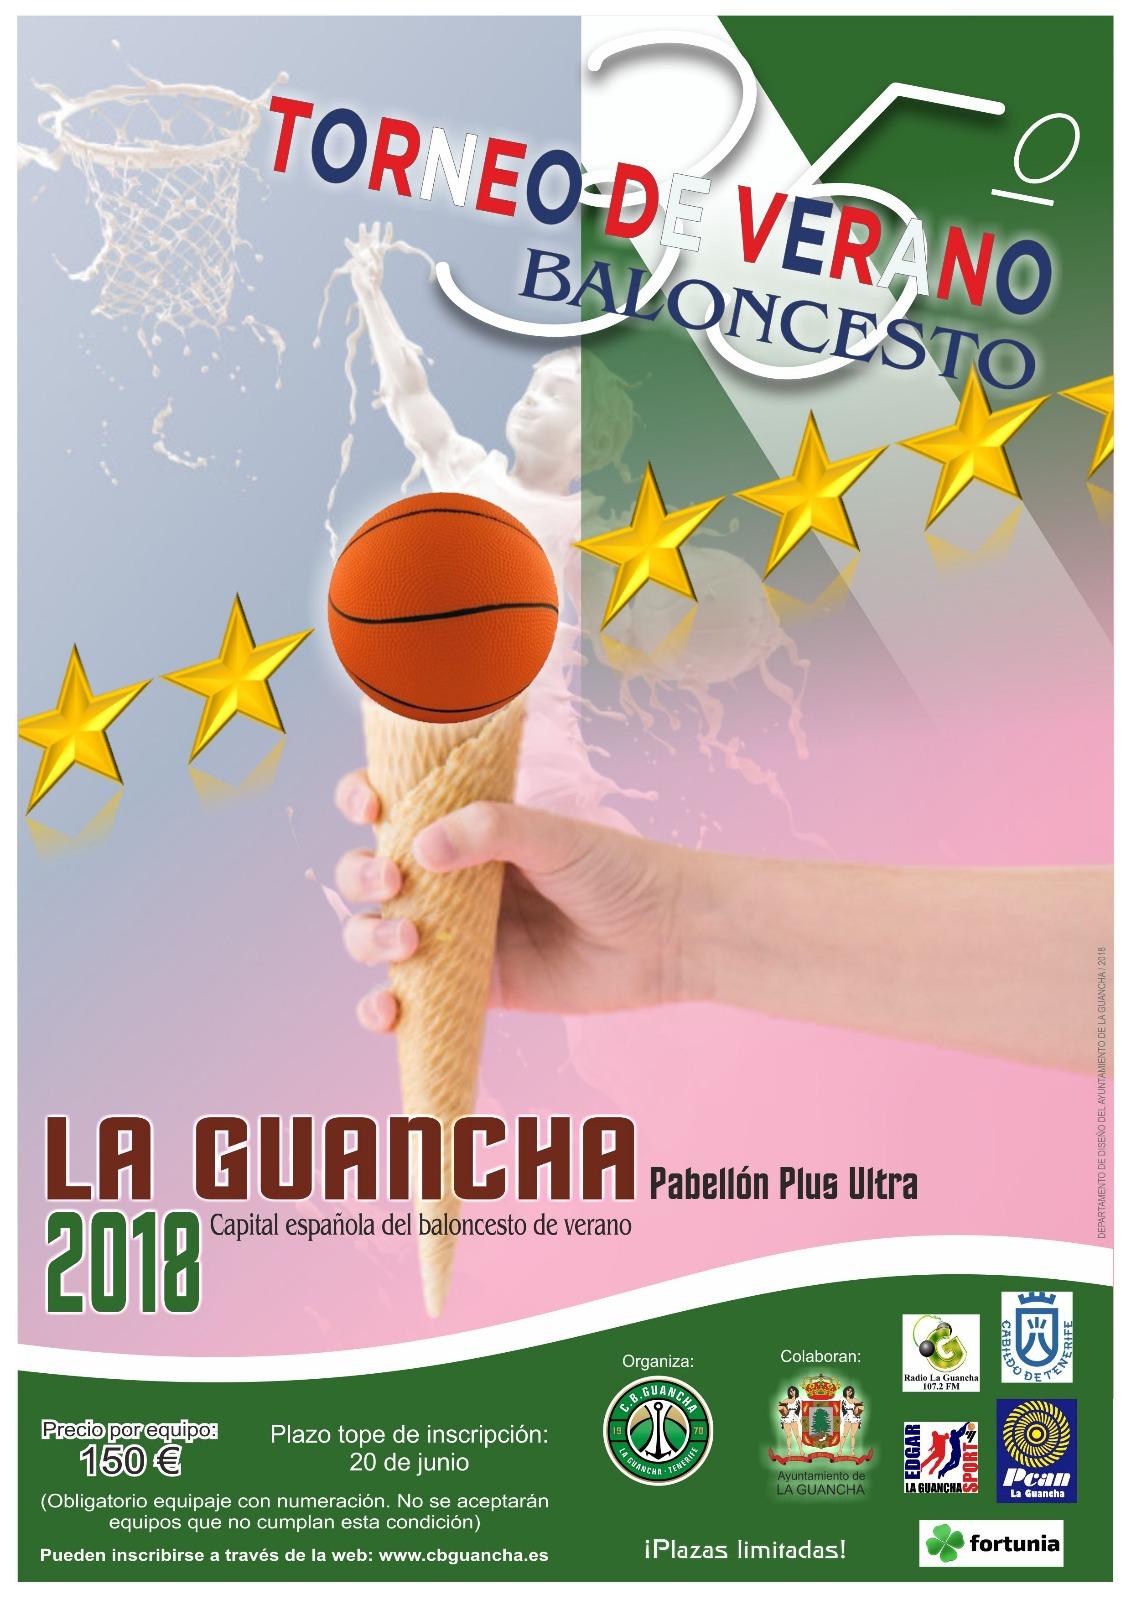 Abierto el plazo de inscripción para el XXXV Torneo de Verano de Baloncesto, en La Guancha